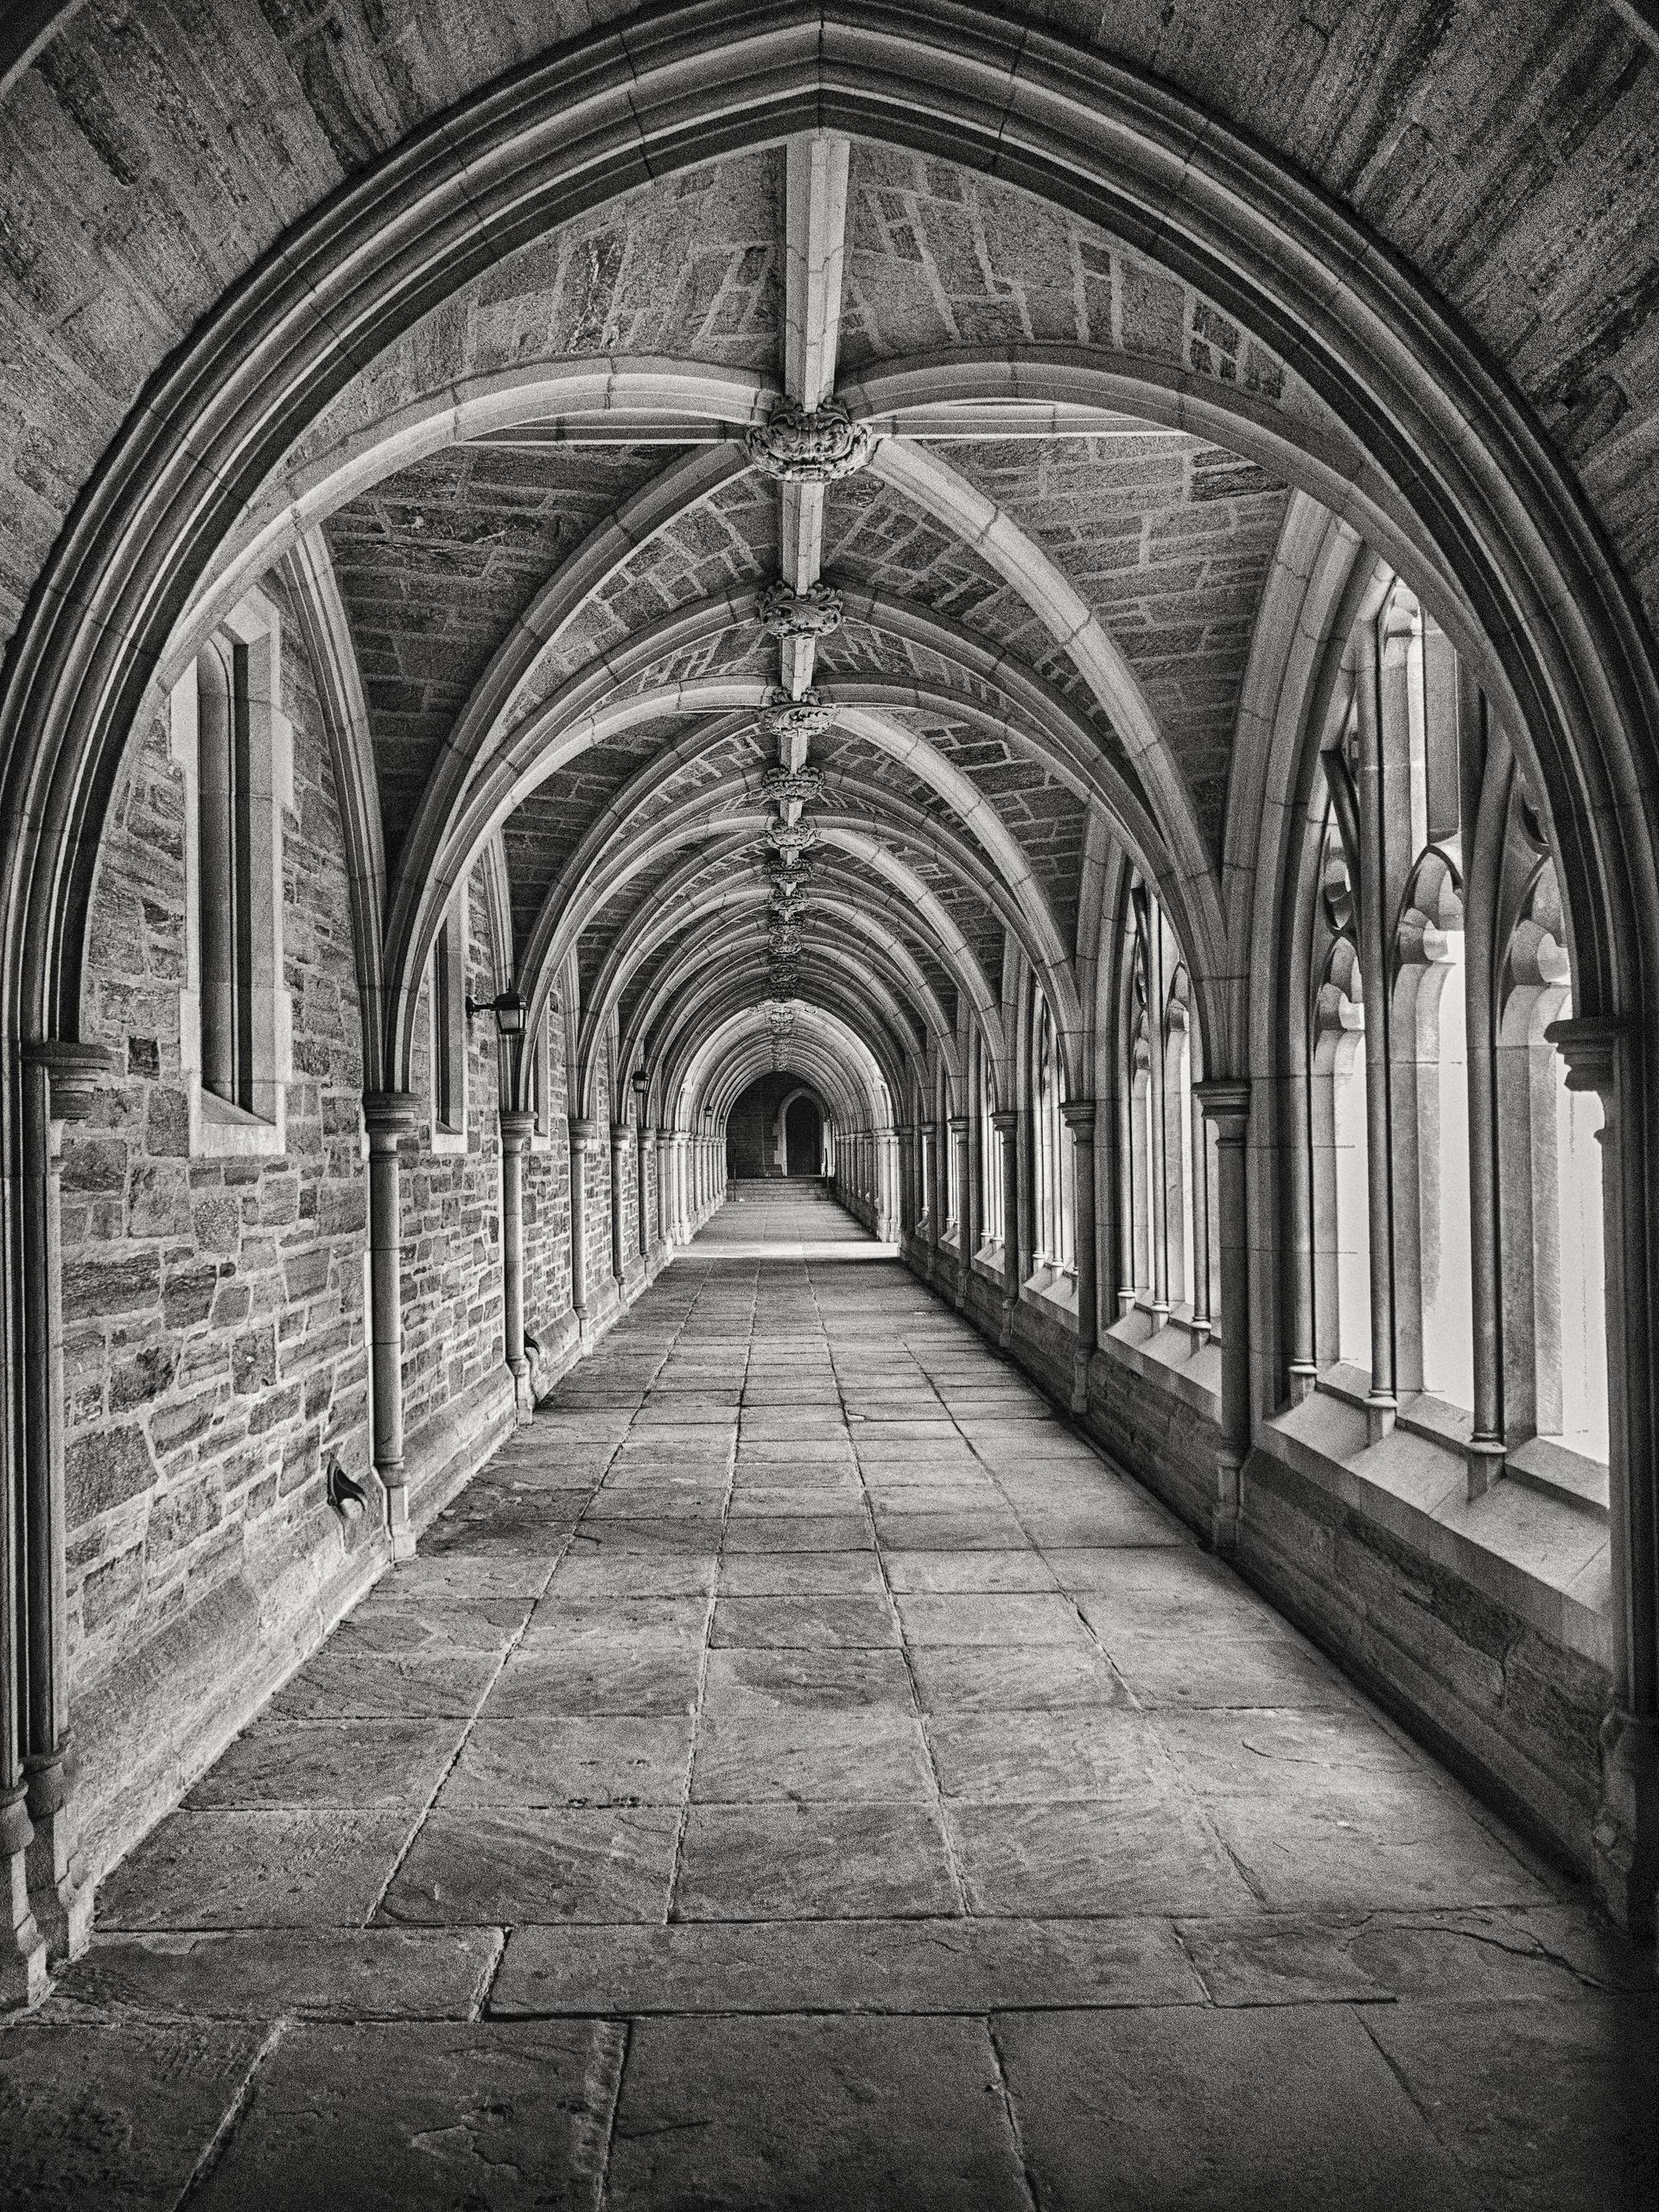 Gebäude, Arcos, Architektur, alt, in schwarz und weiß - Wallpaper HD - Prof.-falken.com